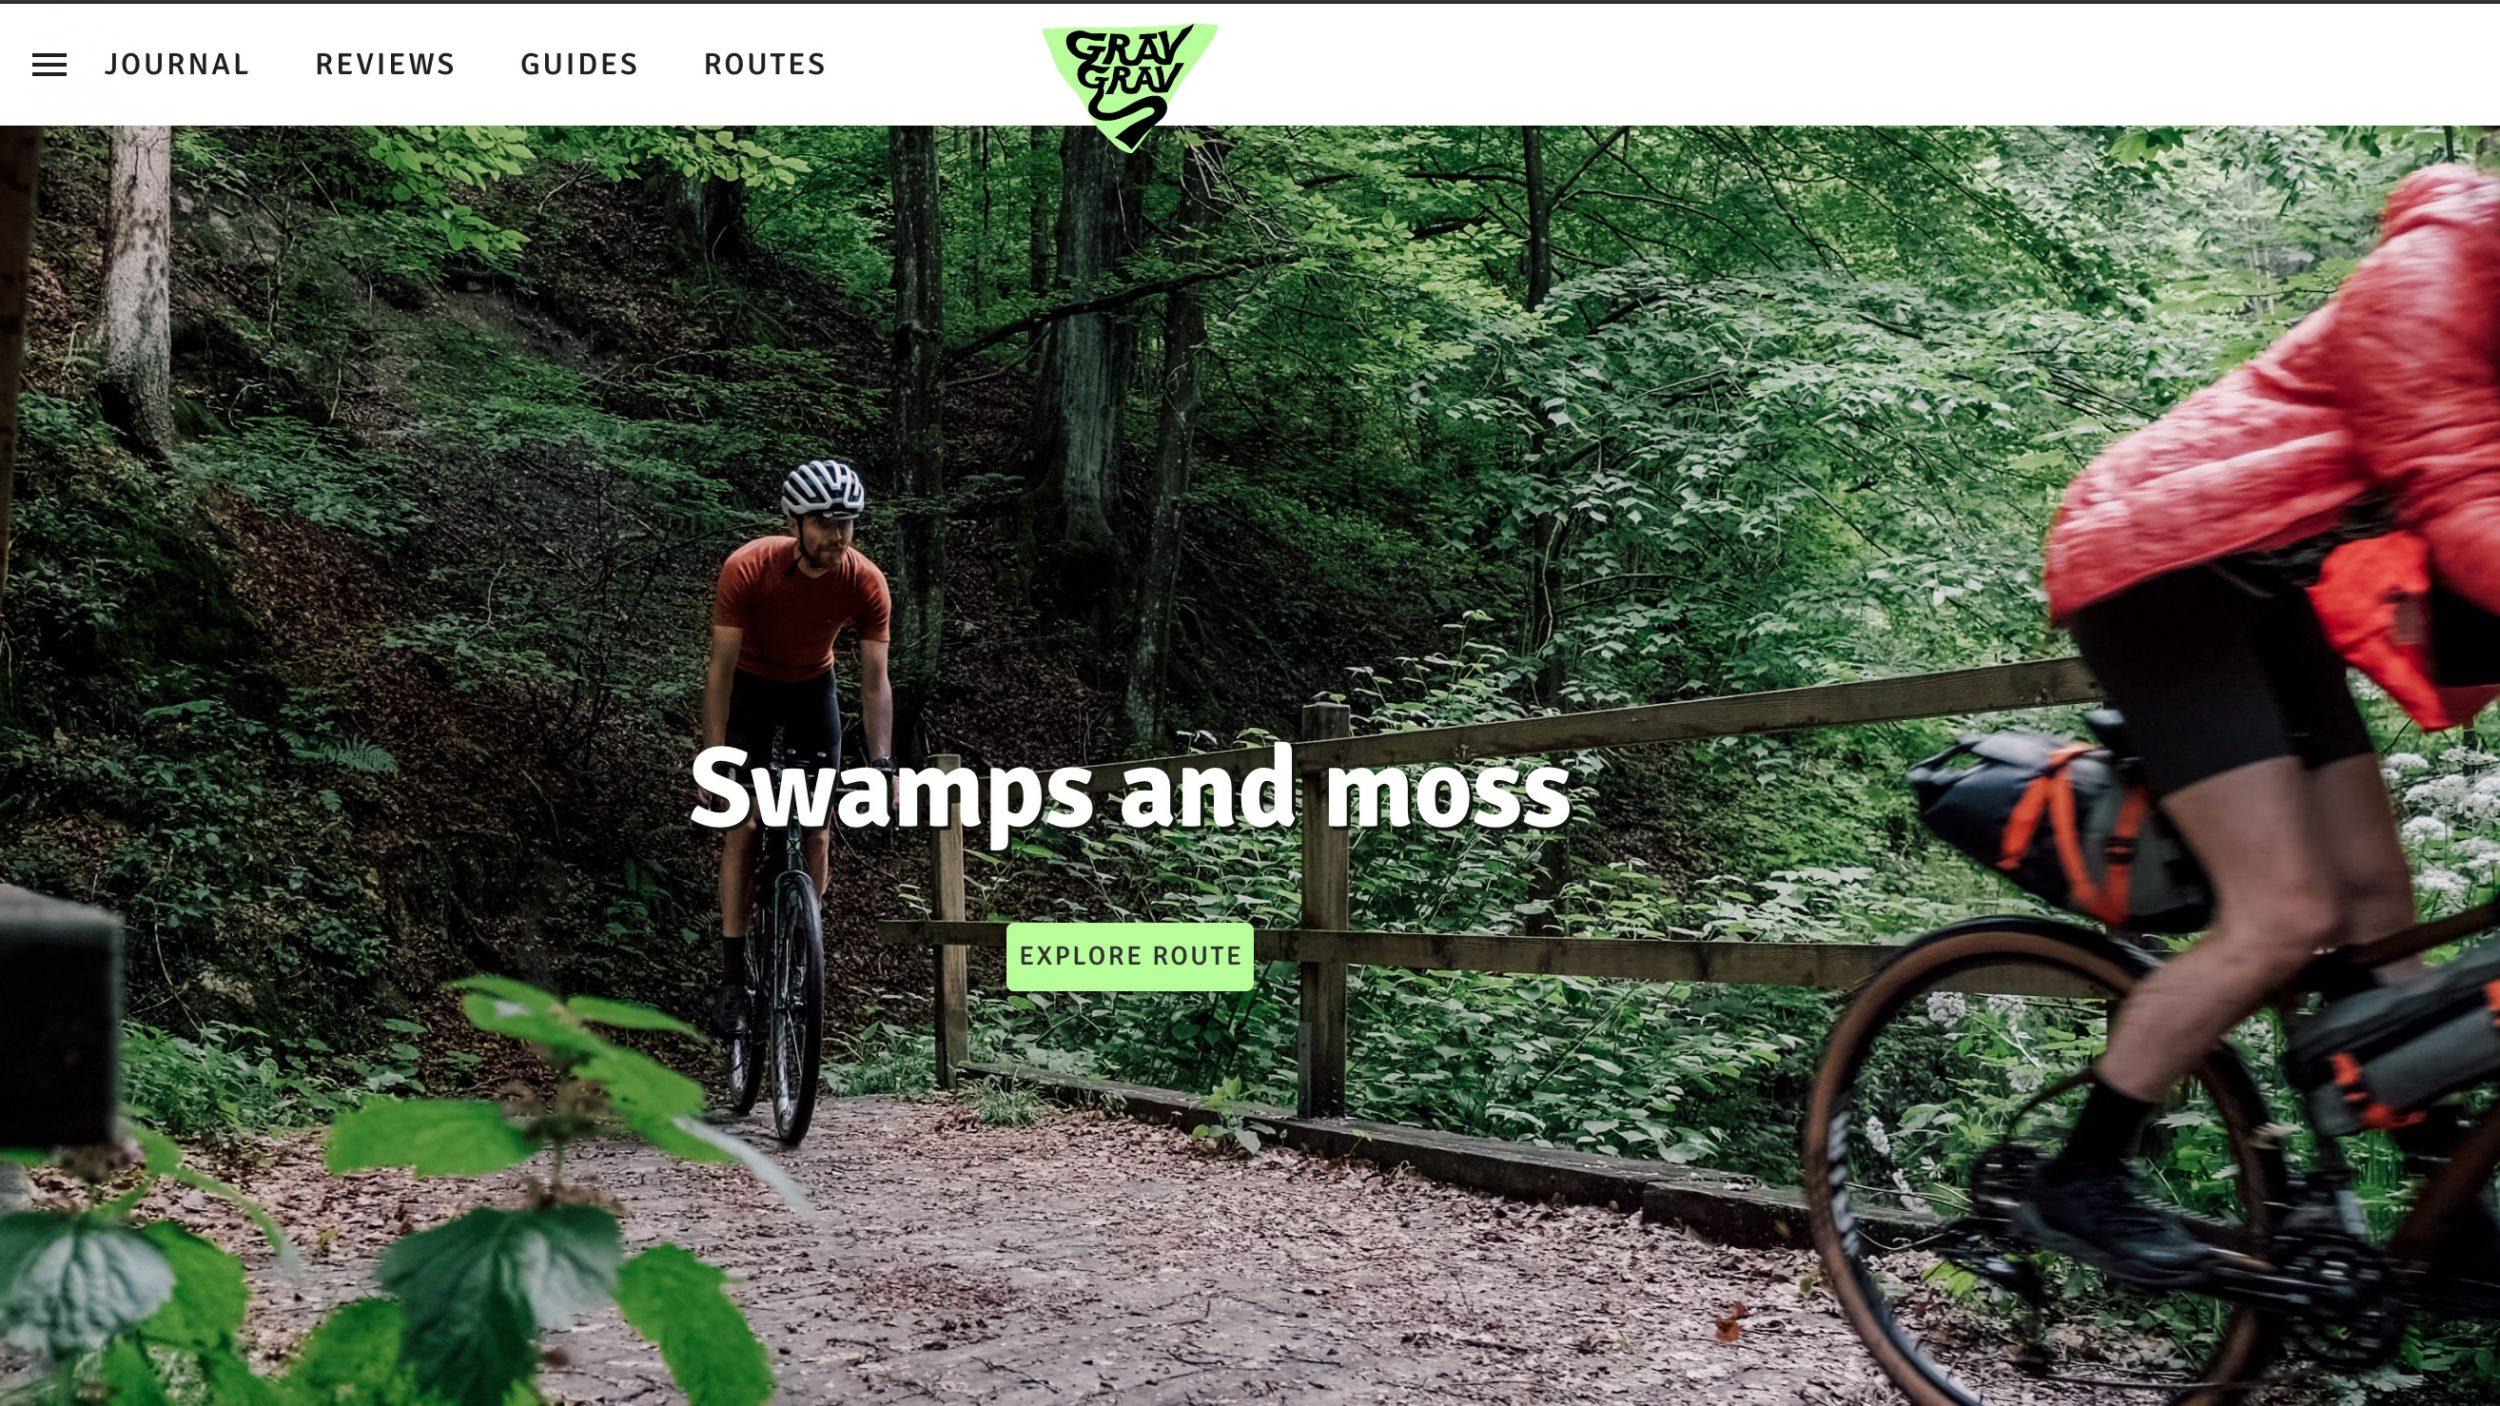 gravgrav Homepage design